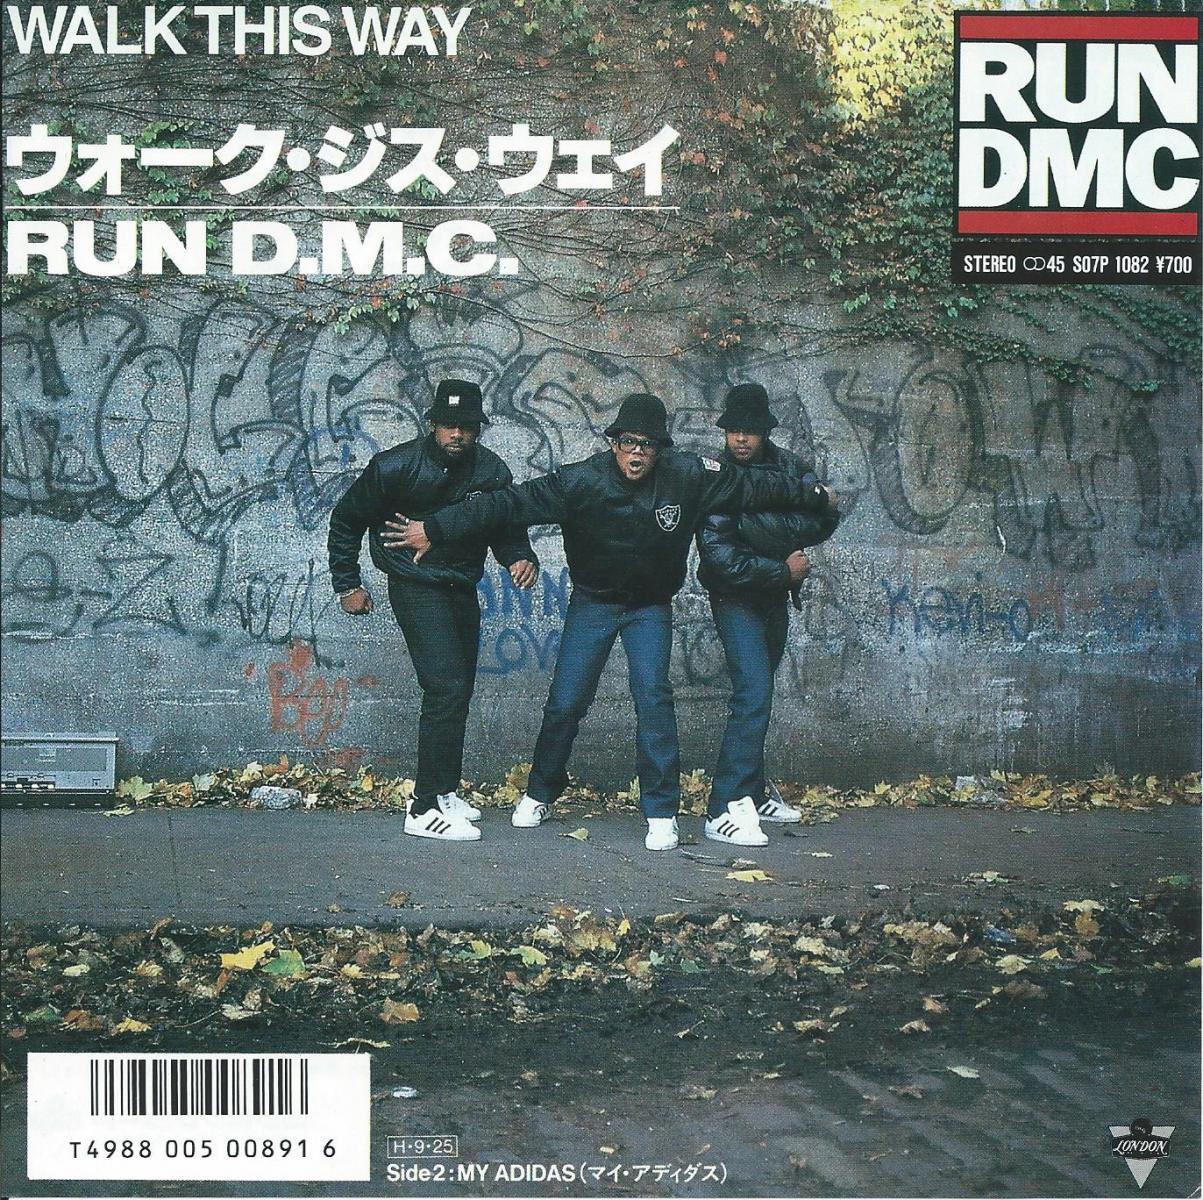 RUN DMC / ウォーク・ジス・ウェイ WALK THIS WAY (7